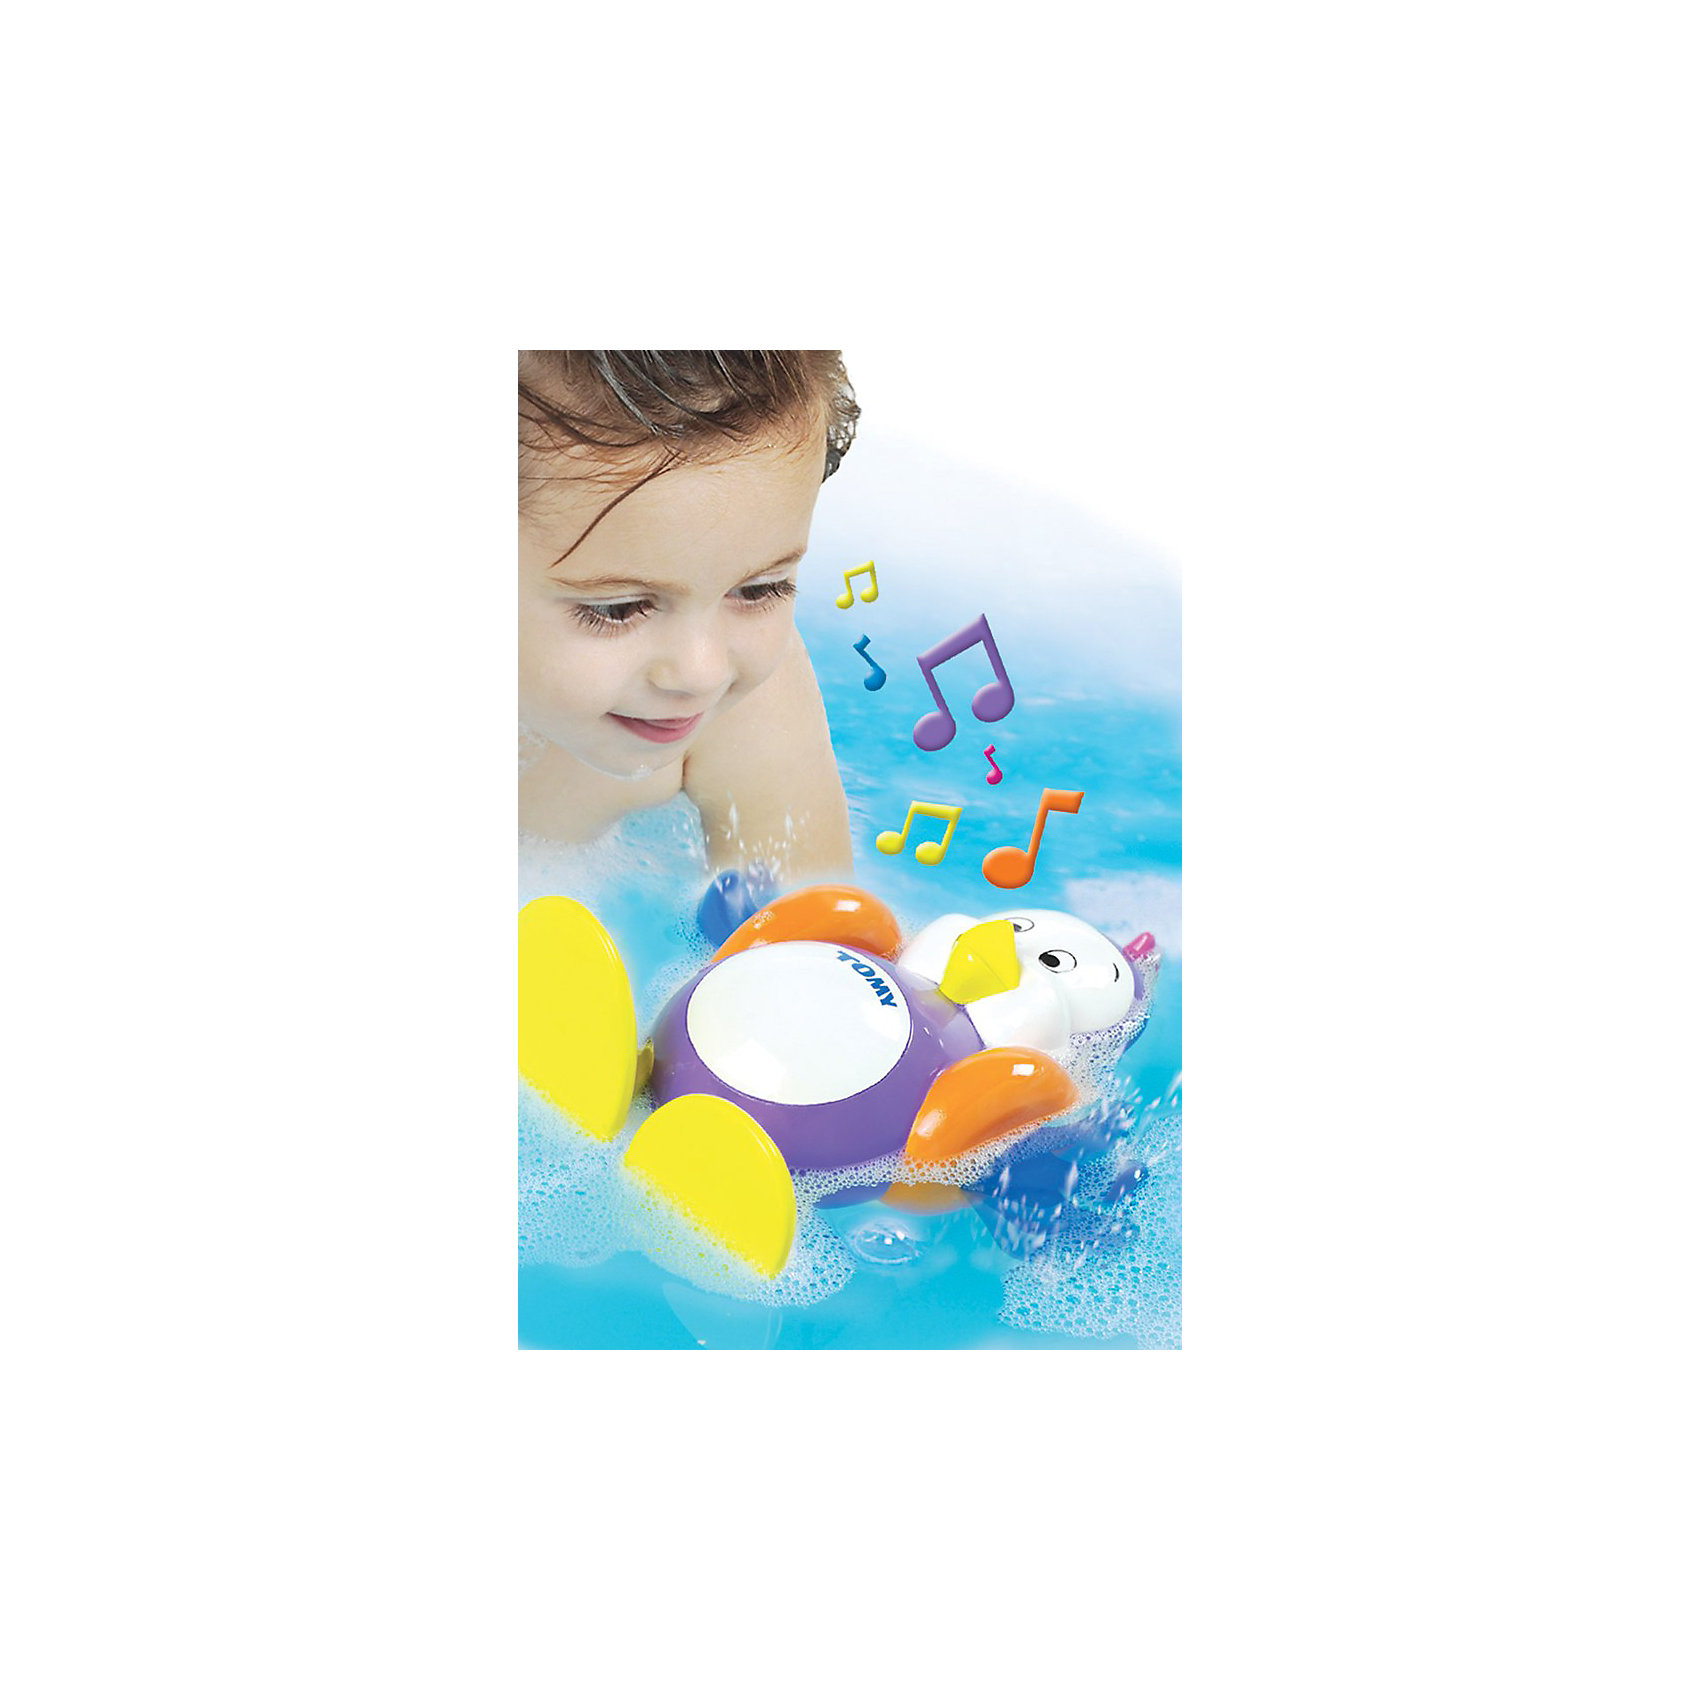 Игрушка для ванной Плескающийся пингвин, TOMYДинамические игрушки<br>Игрушка для ванной «Пингвин» из серии AQUA FUN известного бренда TOMY (Томи) - это волшебная игрушка с уникальными возможностями для детей сделает купания Вашего малыша невероятно весёлыми!<br><br>Заведите пингвина и переверните его на спину - и он споёт Вашему малышу весёлую песенку, гребя при этом лапками. Плавая на животике, пингвин булькает, словно он и вправду плавает под водой.<br><br>Пингвинёнок также может мило бормотать на своём пингвинском языке, стоит только нажать на его маленький хохолок на макушке.<br><br>Превратите водные процедуры Вашего малыша в удовольствие!<br><br>Дополнительная информация:<br><br>Материал: пластмасса<br>Размер: 25 х 18 х 12 см (высота х ширина х глубина).<br>Работает на 3 гальванических элементах LR44 (входят в комплект).<br><br>Игрушку для ванной Плескающийся пингвин, TOMY (Томи) можно купить в нашем магазине.<br><br>Ширина мм: 218<br>Глубина мм: 187<br>Высота мм: 124<br>Вес г: 332<br>Возраст от месяцев: 12<br>Возраст до месяцев: 48<br>Пол: Унисекс<br>Возраст: Детский<br>SKU: 1602933